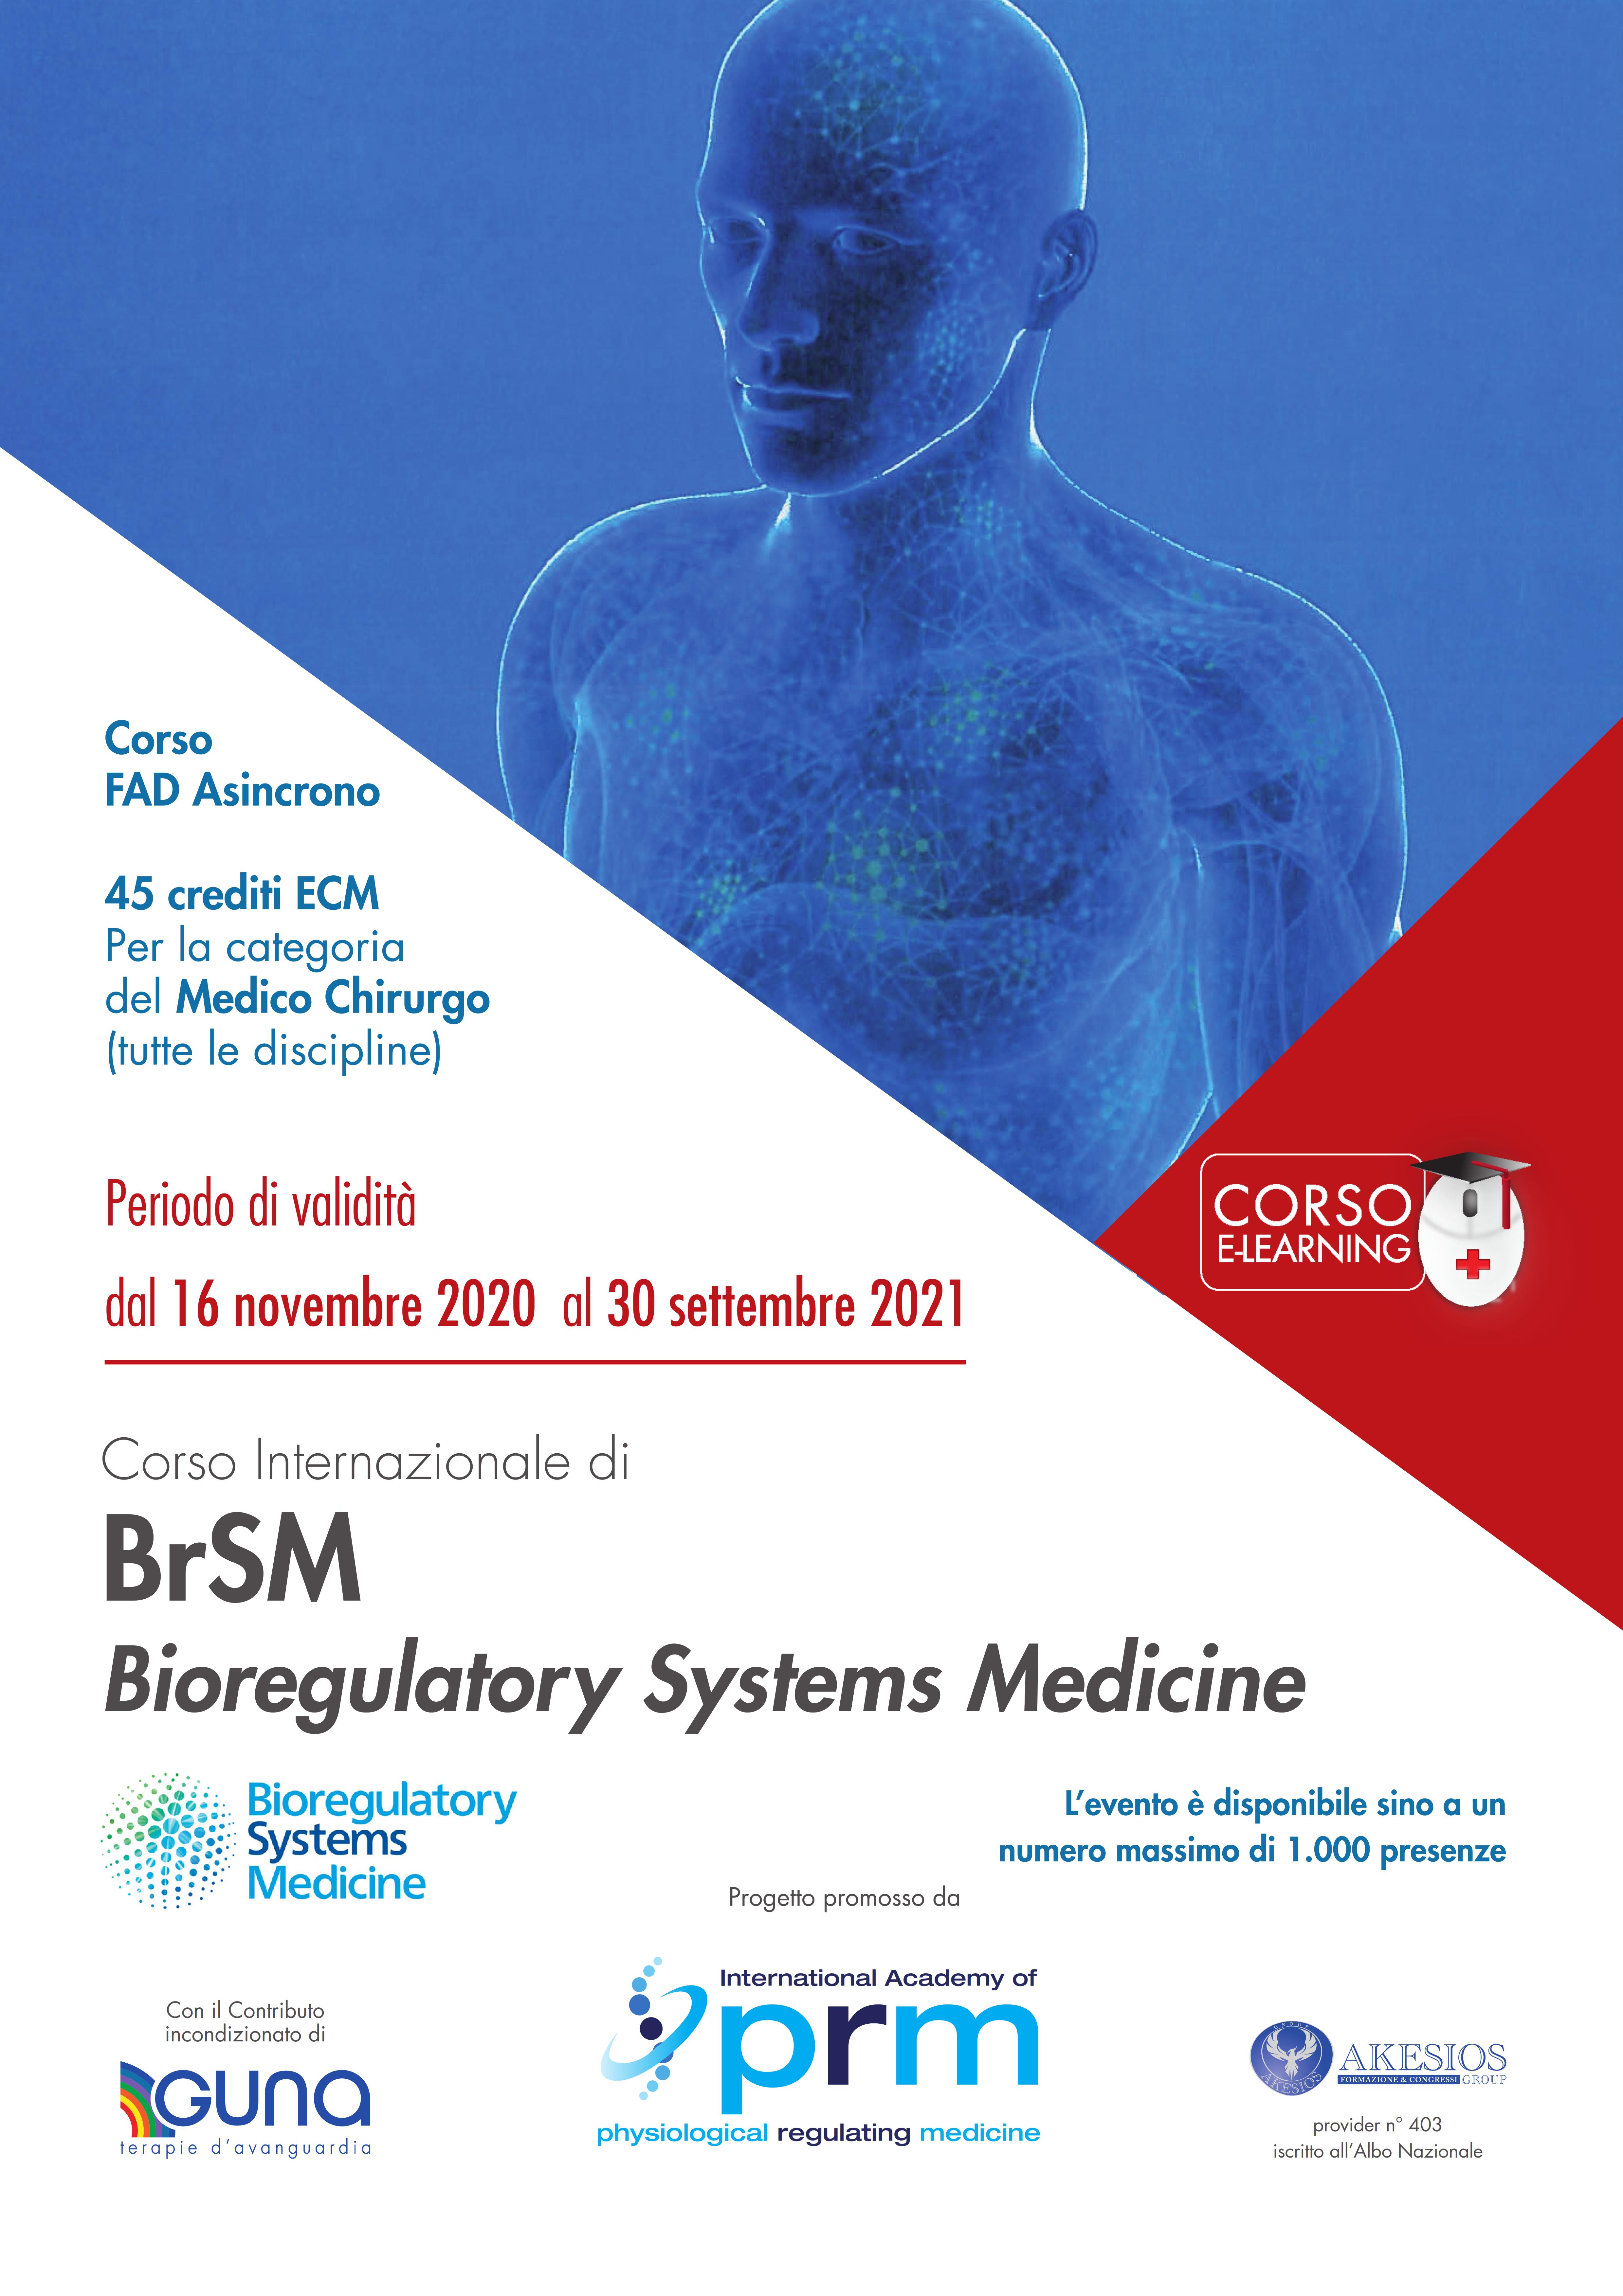 Corso Internazionale di BrSM Bioregulatory Systems Medicine